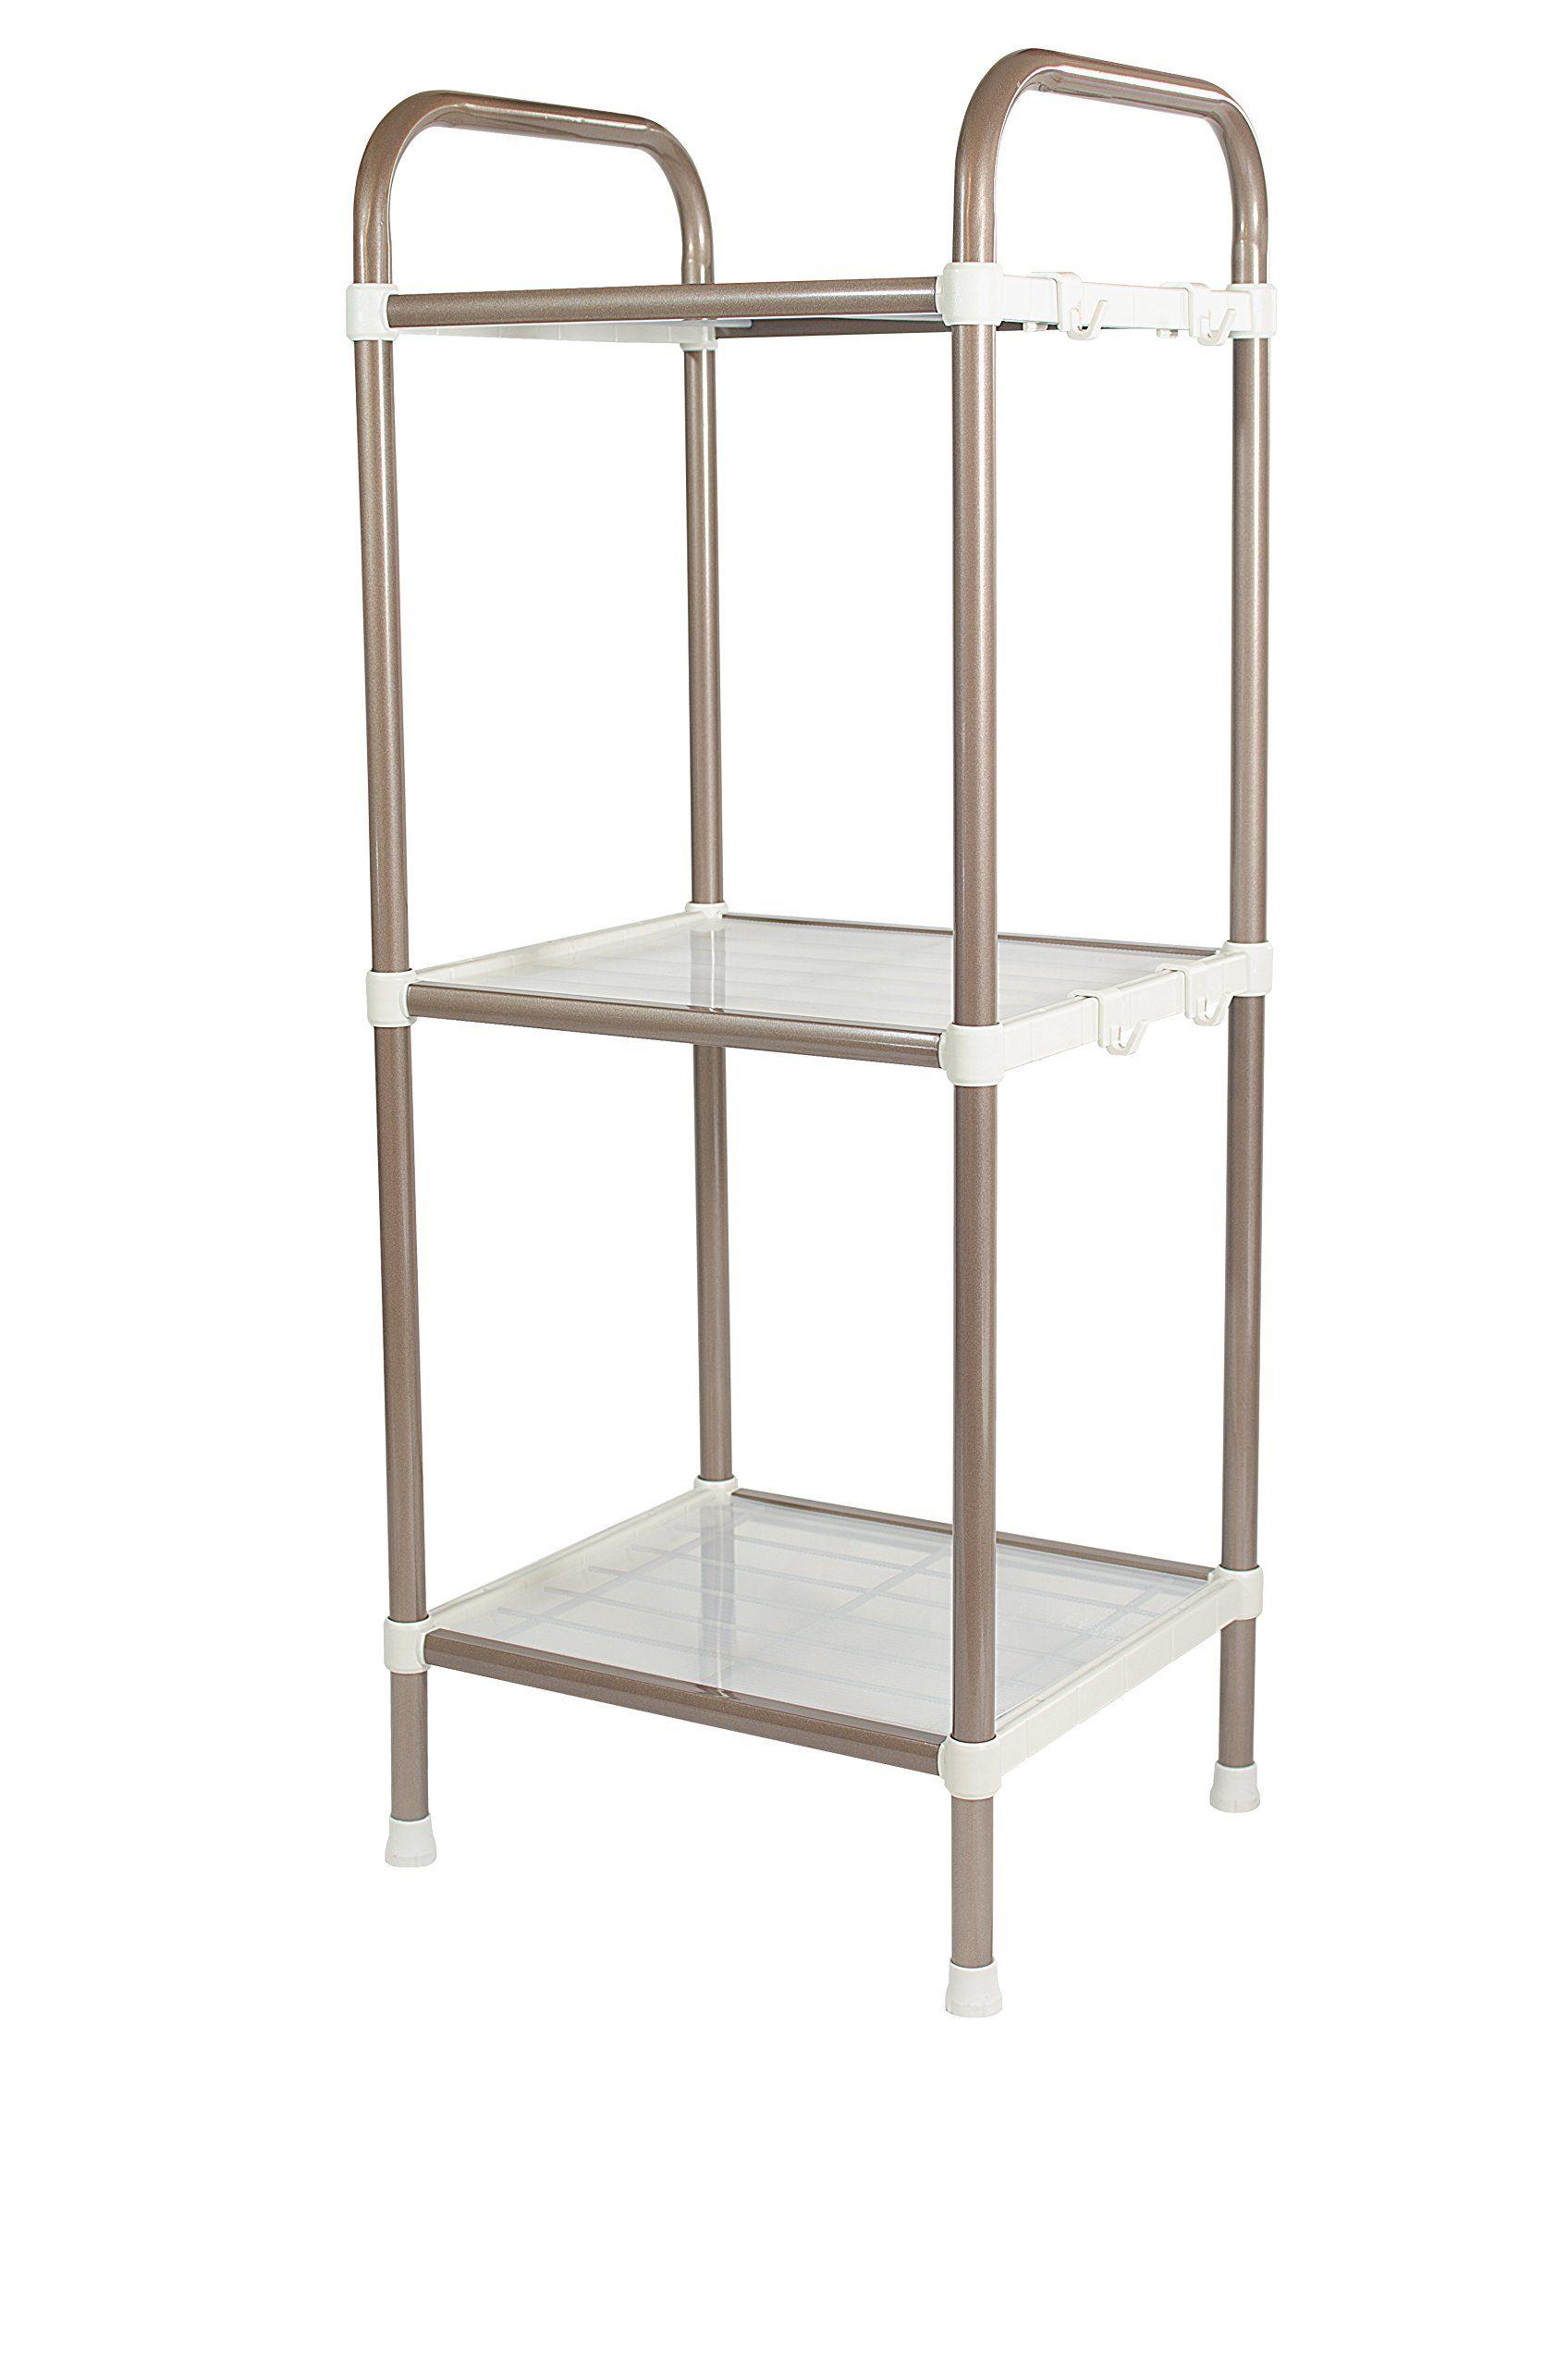 Bathroom Shelf 3 Tier Shelf Organizer Space Saving Shelf For